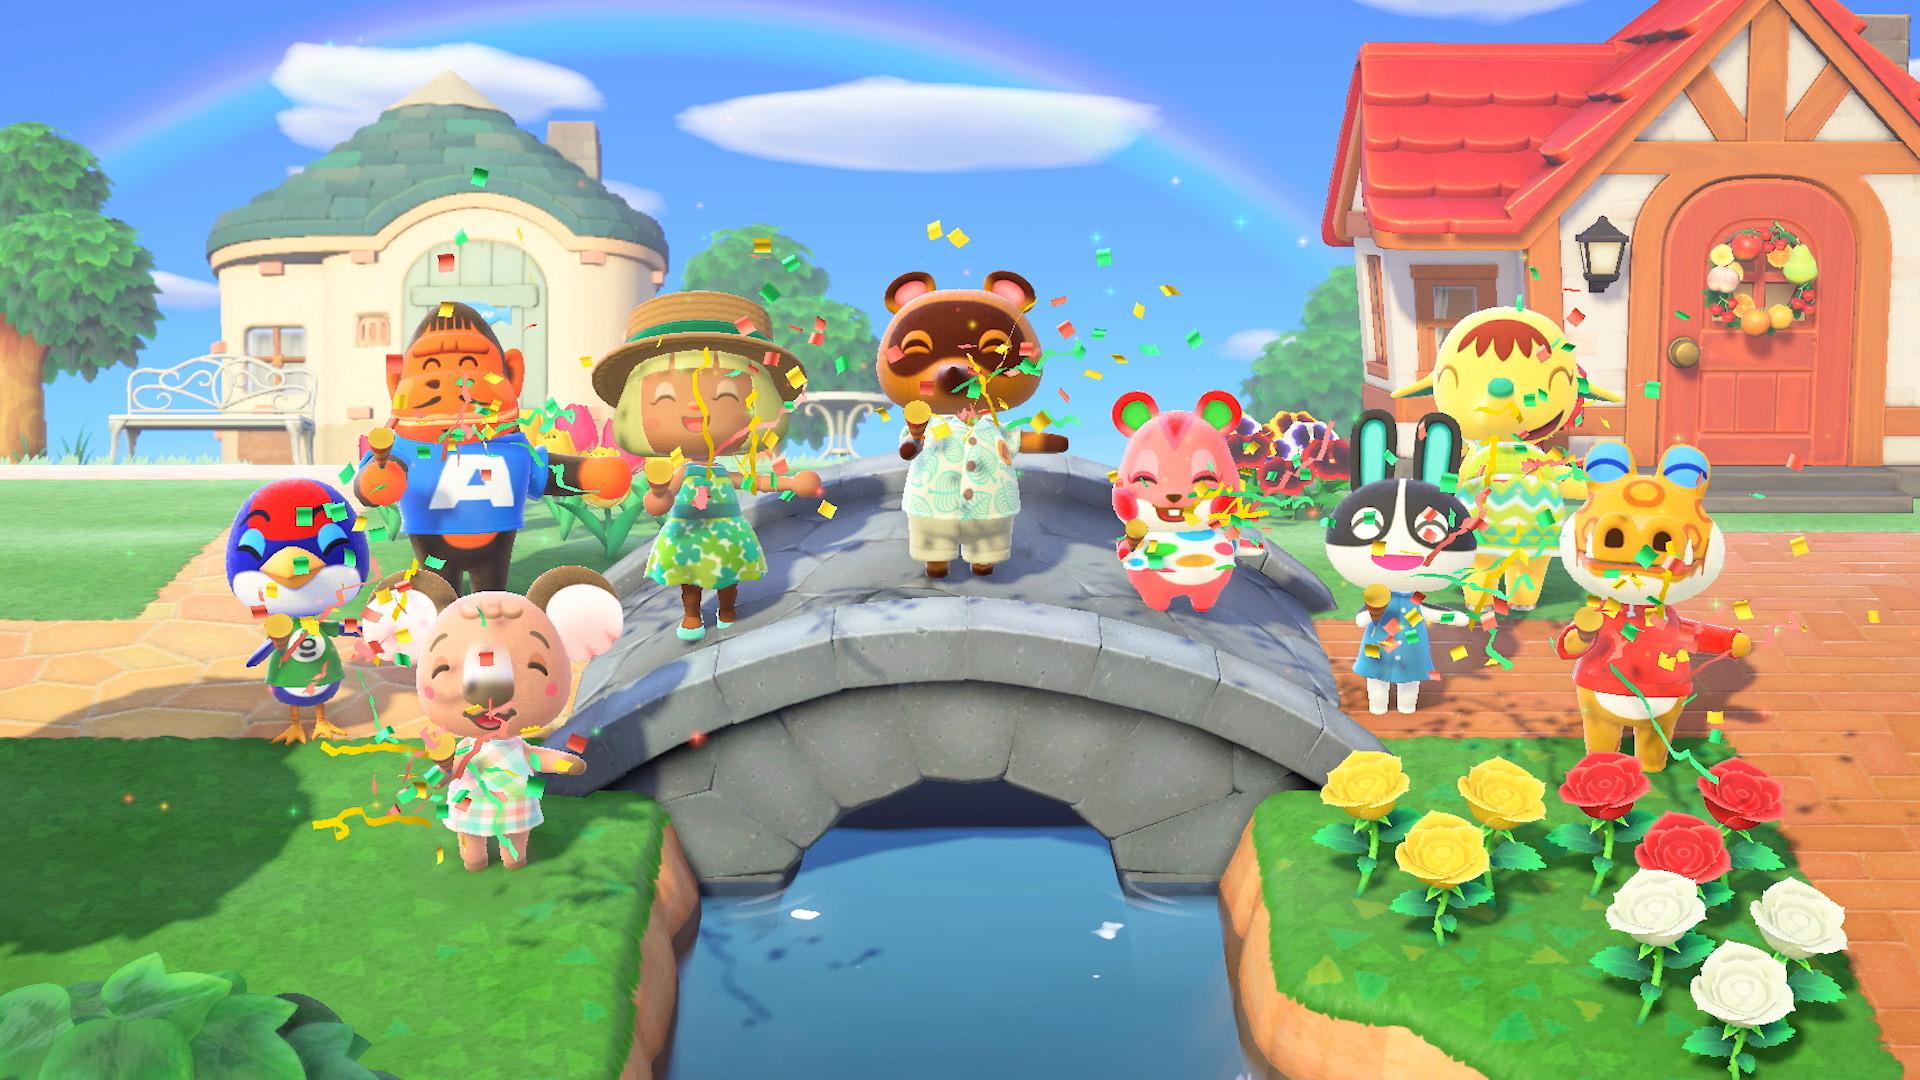 Nintendo bestätigt Pläne für neue zukünftige Inhalte in Animal Crossing: New Horizons Nach E3